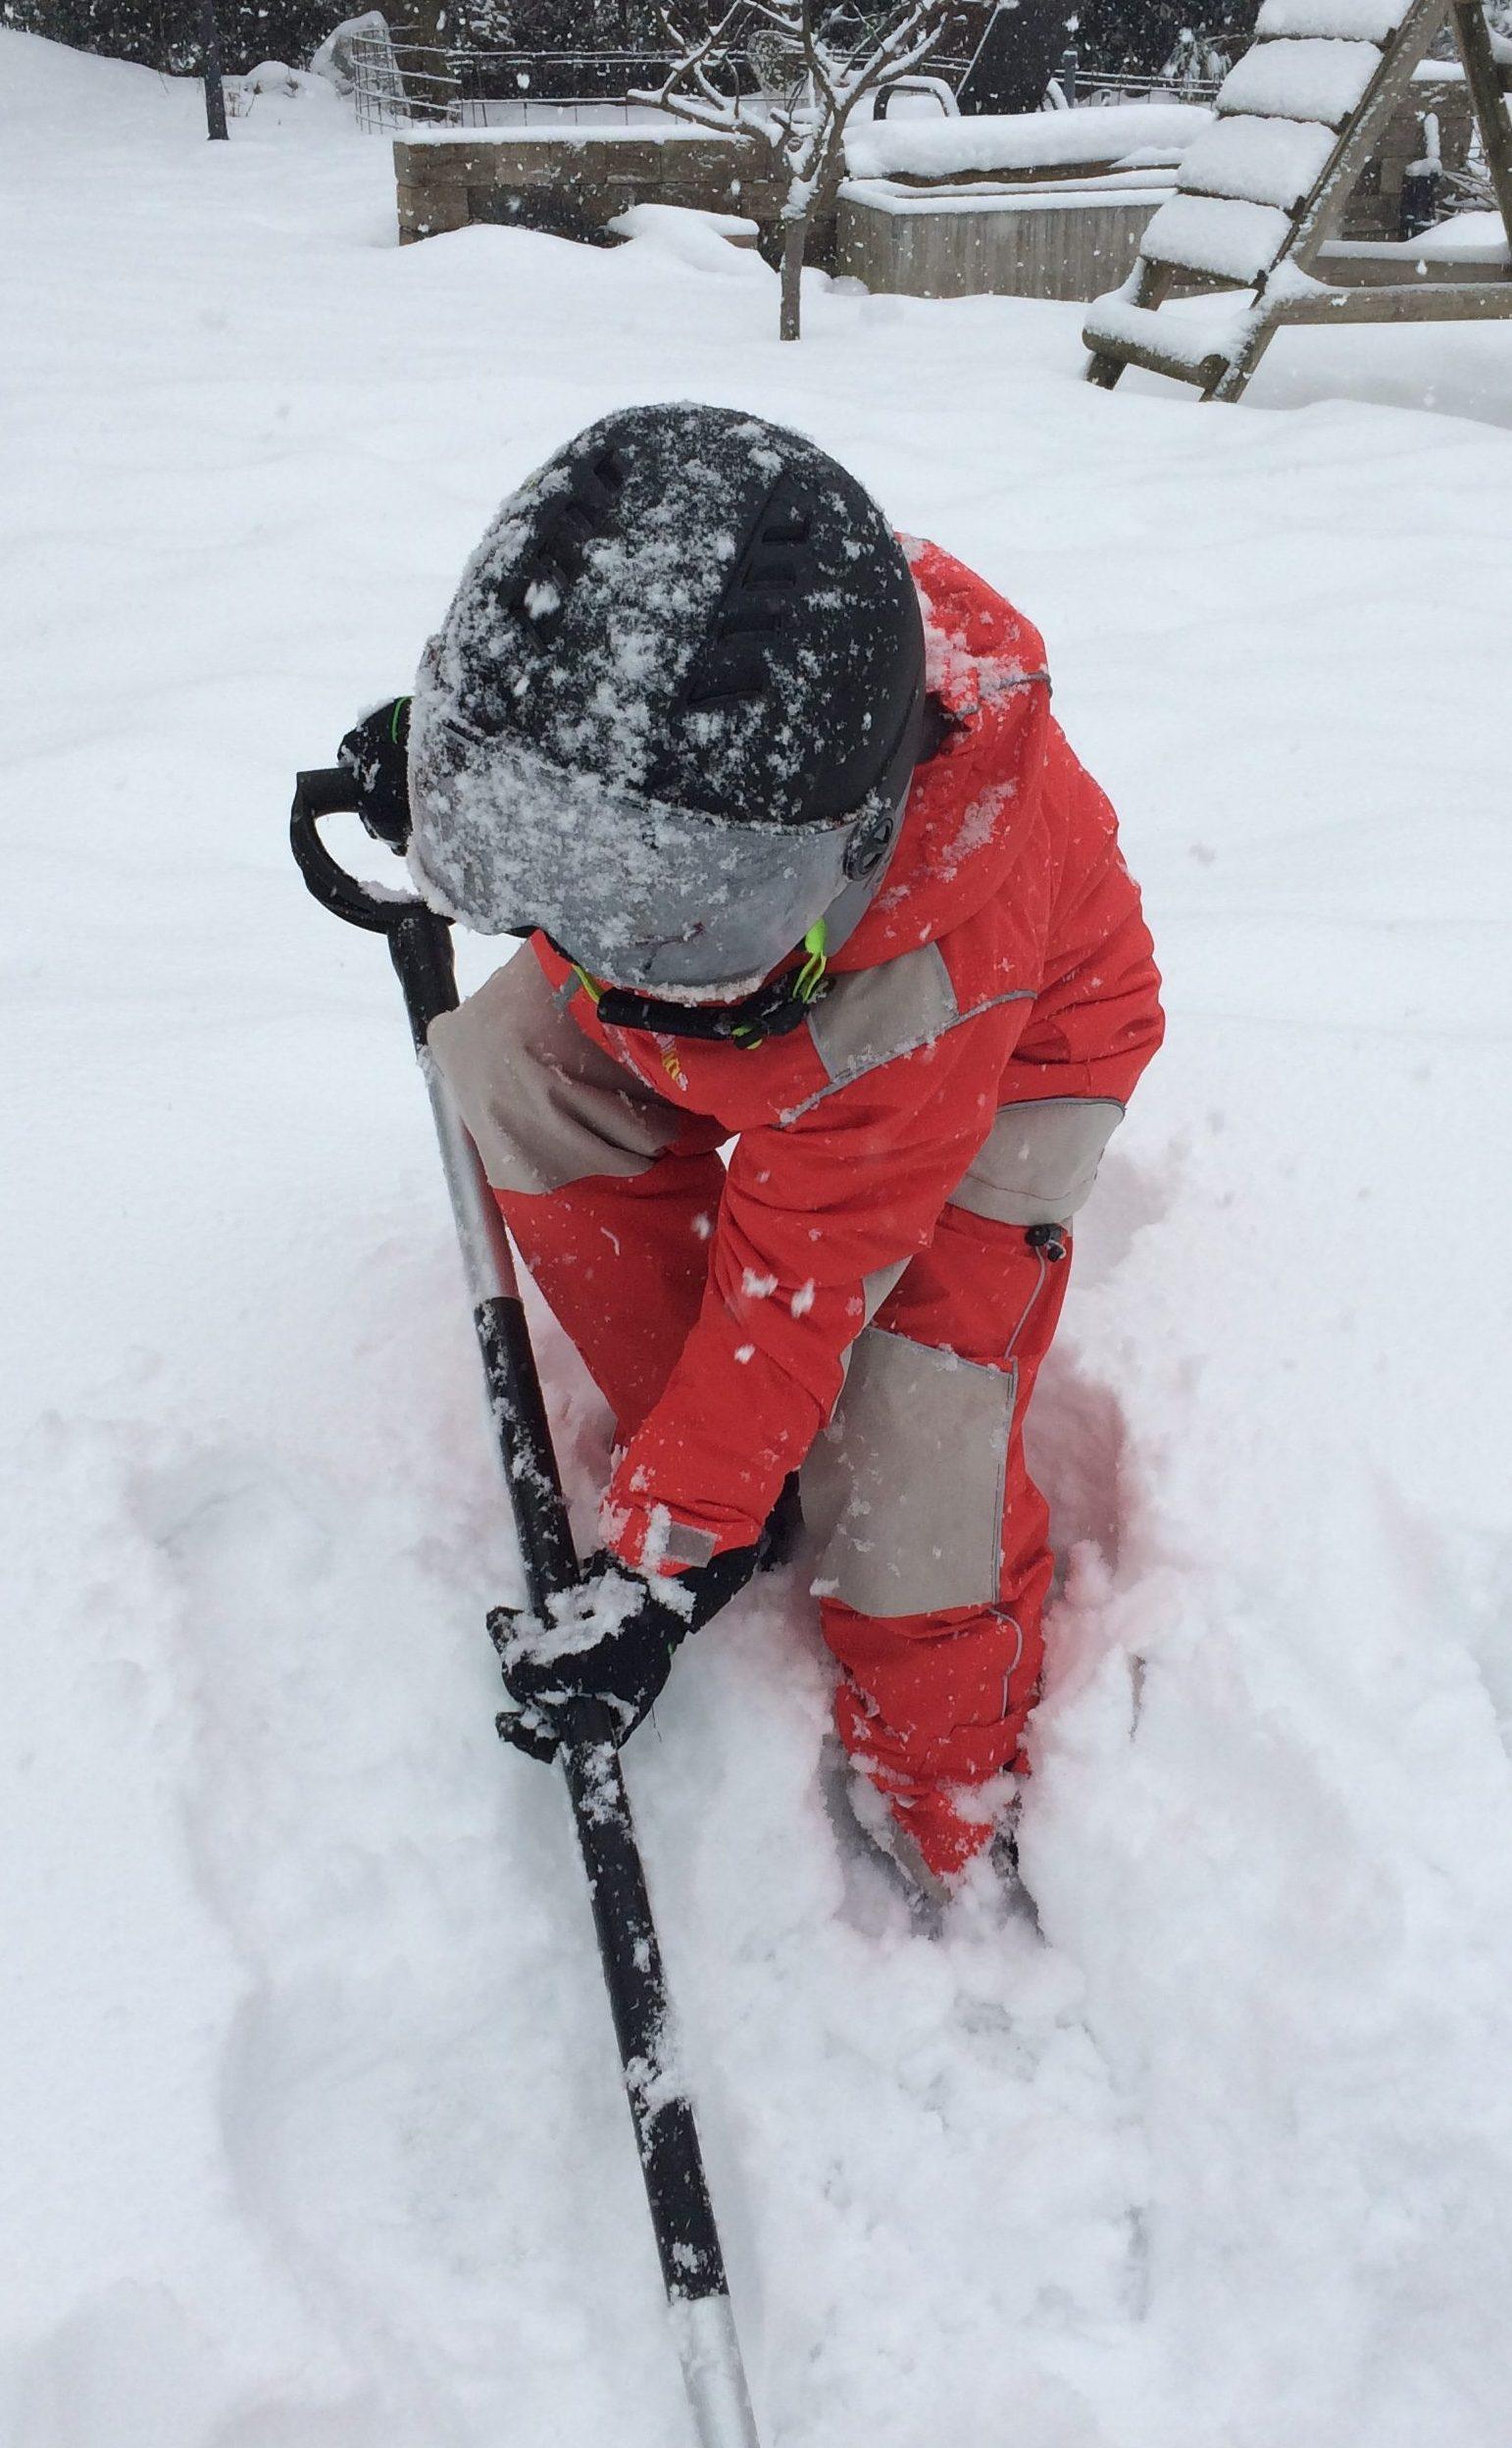 kindi hääs, marc giradelli skianzug